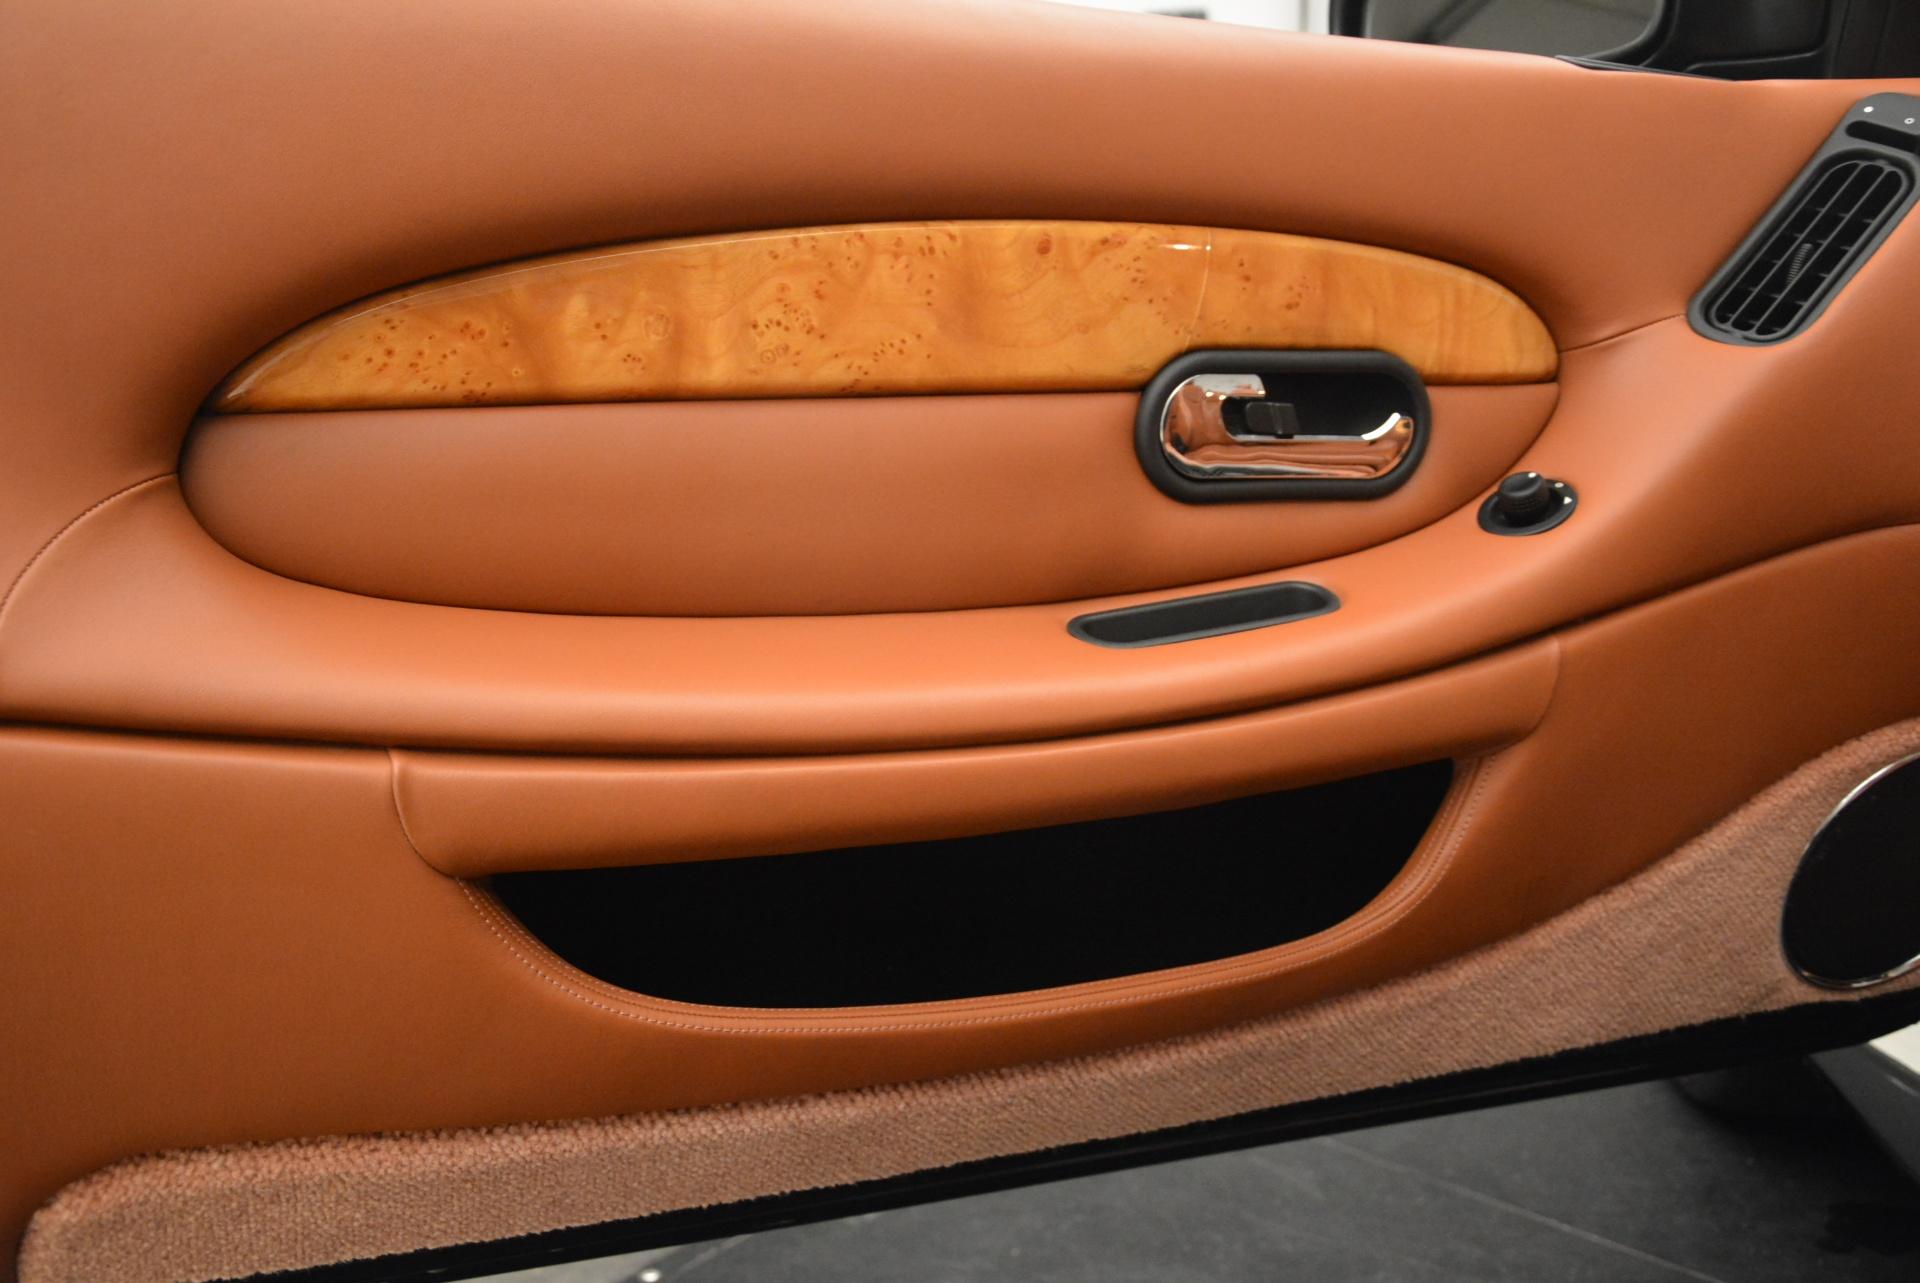 Used 2003 Aston Martin DB7 Vantage Volante For Sale In Greenwich, CT. Alfa Romeo of Greenwich, 7307 2084_p25